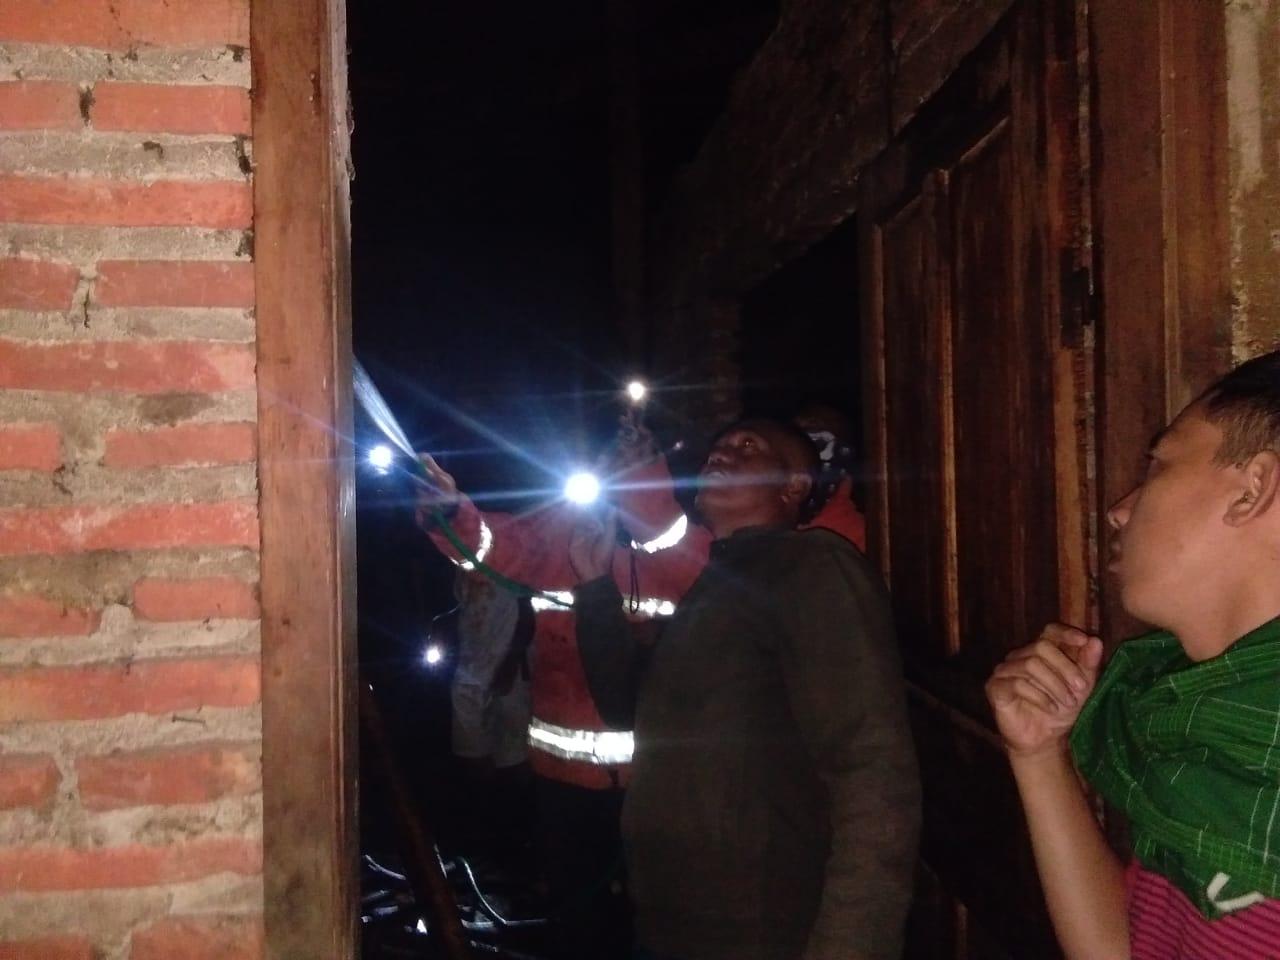 Akibat Tungku Masih Menyala Saat Di Tinggal, Atap Rumah Terbakar